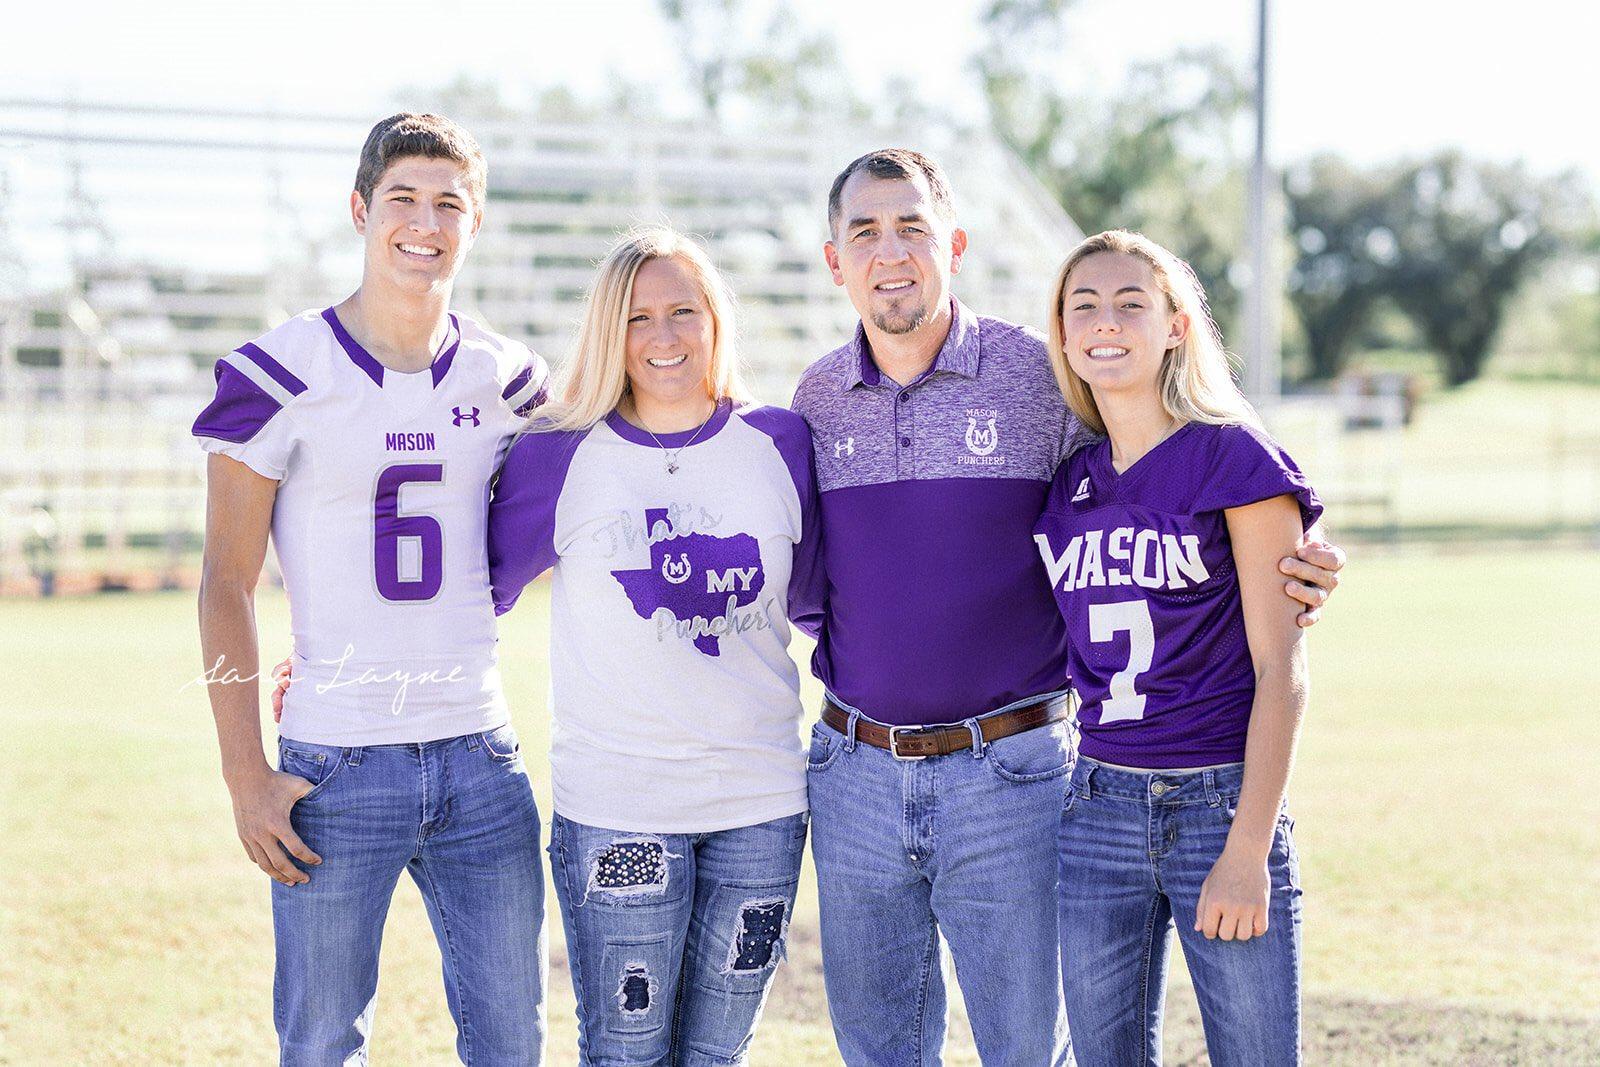 Tristin Keller hizo historia al jugar futbol americano con el equipo varonil de su colegio